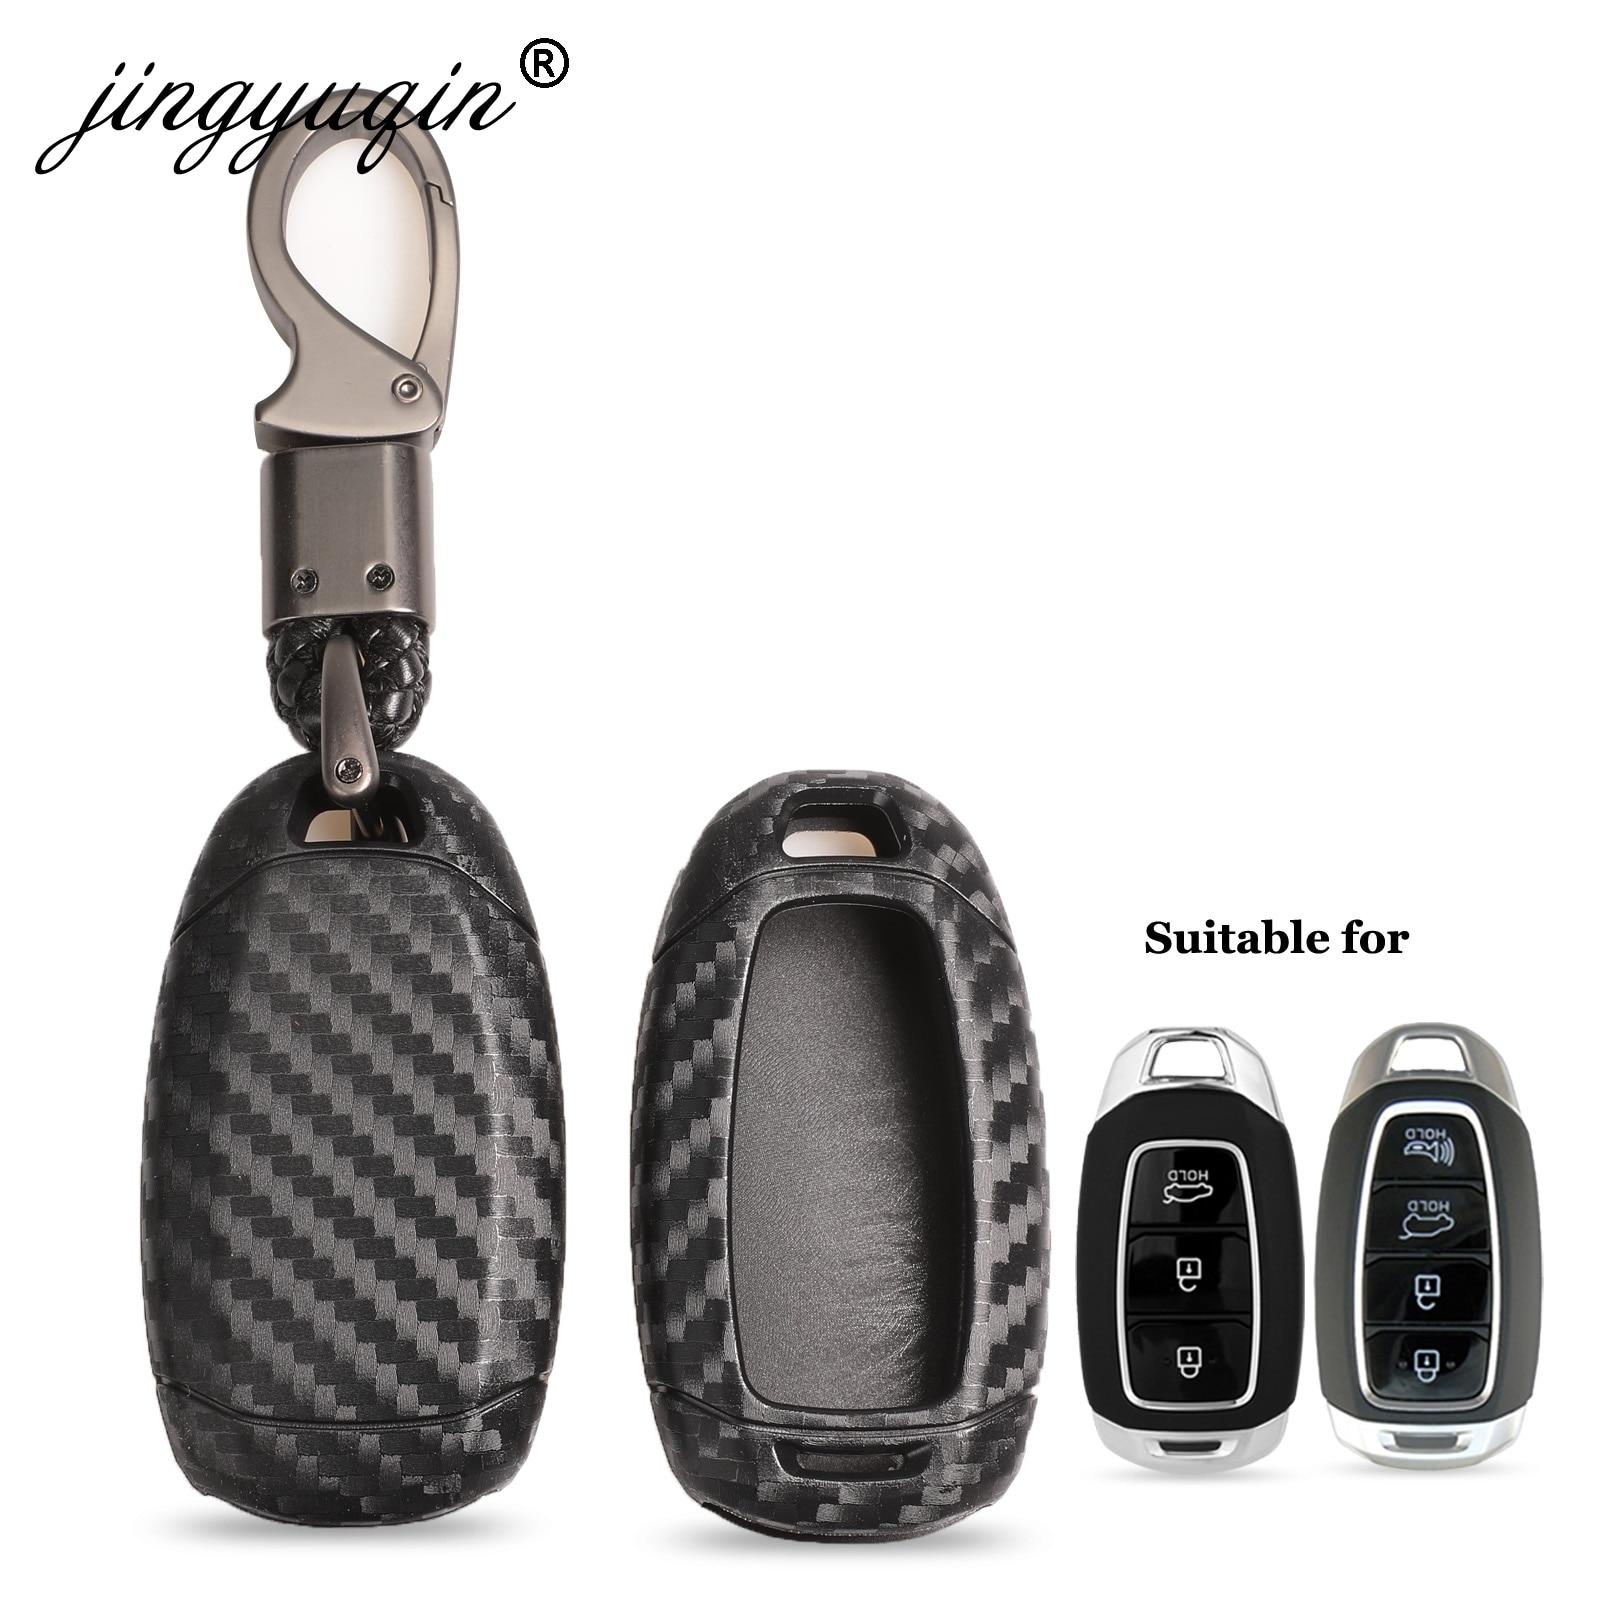 Jingyuqin Carbon Fiber Car Key Case For Hyundai I30 Ix35 KONA Encino Solaris Azera Grandeur Ig Accent Santa Fe Palisade 3/4/5BTN